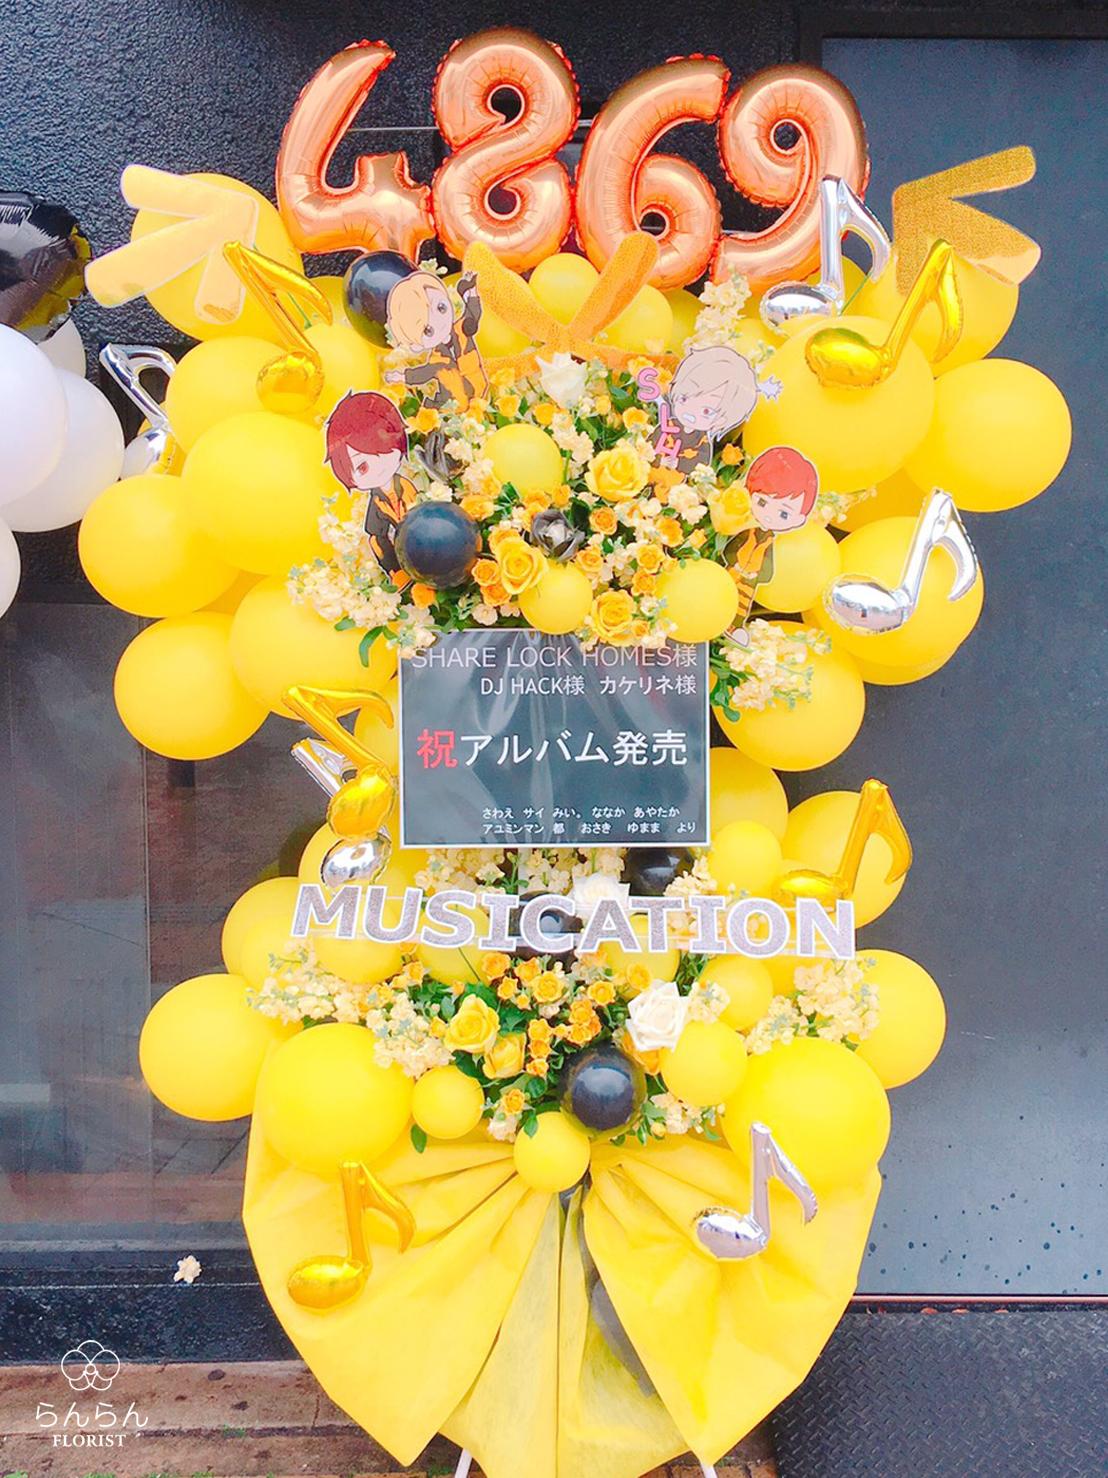 SHARE LOCK HOMES お祝いスタンド花